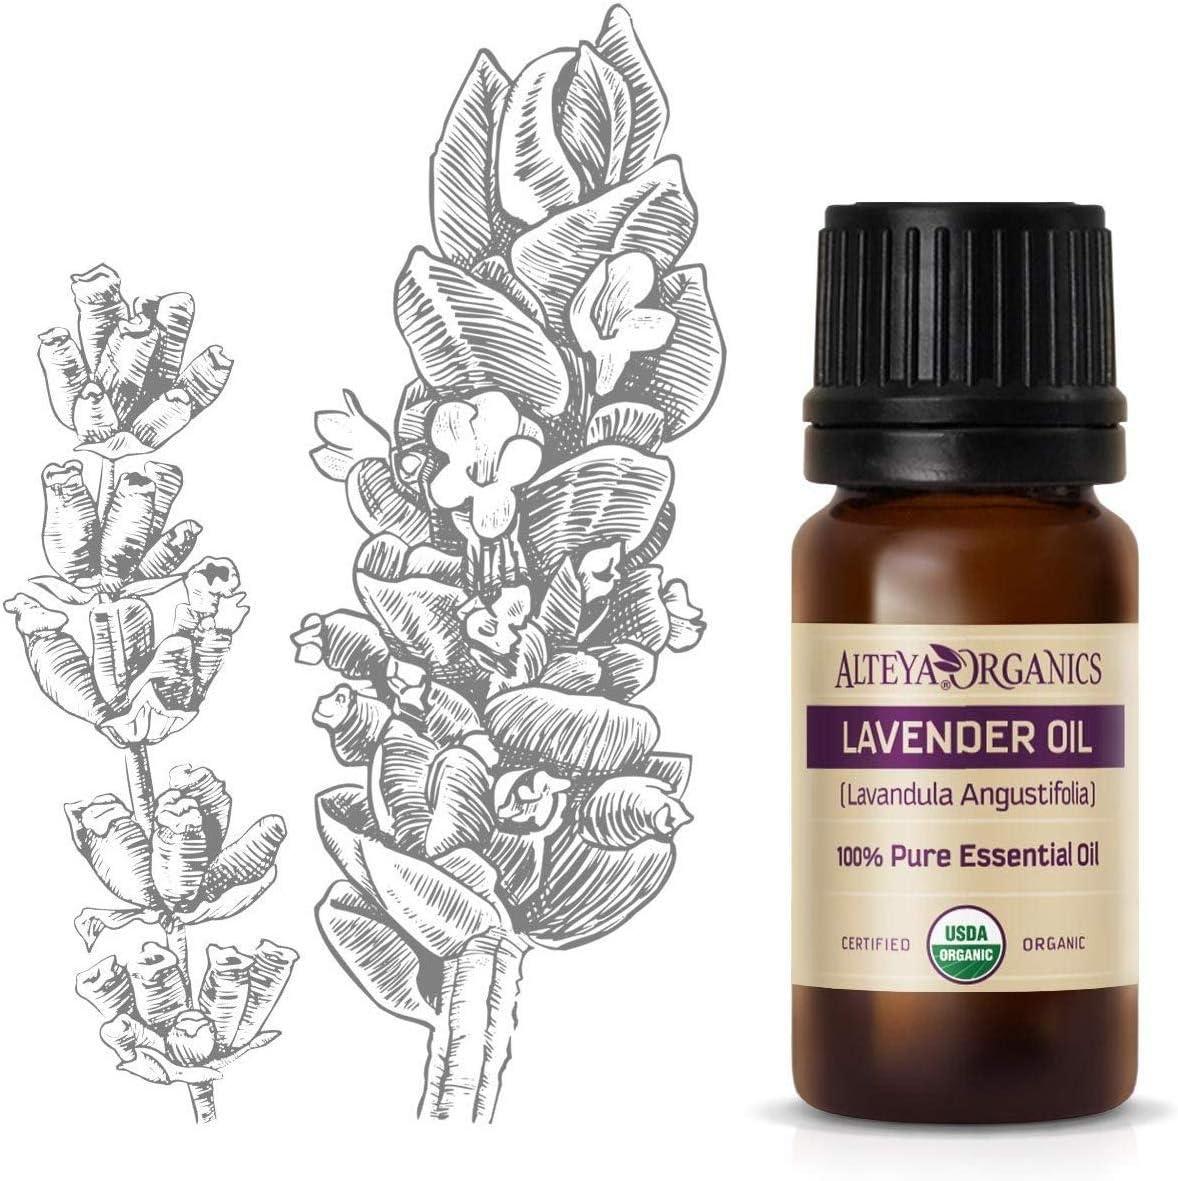 Aceite esencial orgánico de lavanda (Lavandula angustifolia) marca Alteya, de 10ml. Con certificación orgánica USDA, 100% puro y auténtico, natural, destilado al vapor de flores de Lavandula Angusti